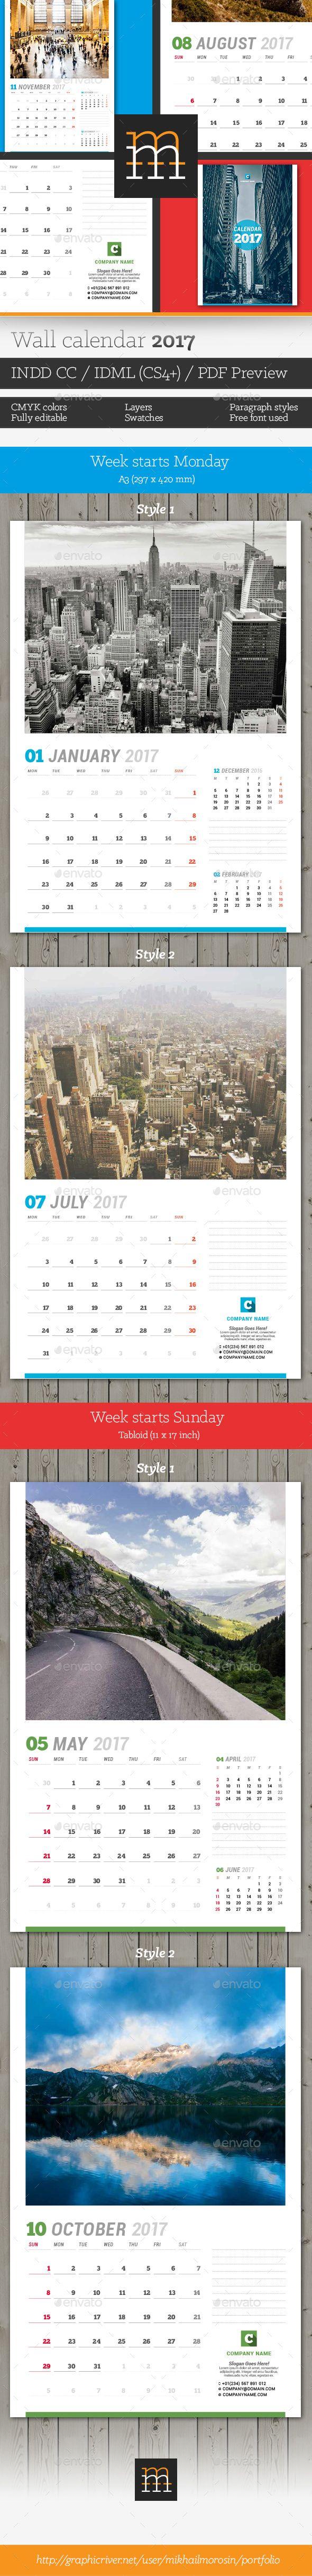 77 best Calendar Template 2018 images on Pinterest | Calendar 2018 ...